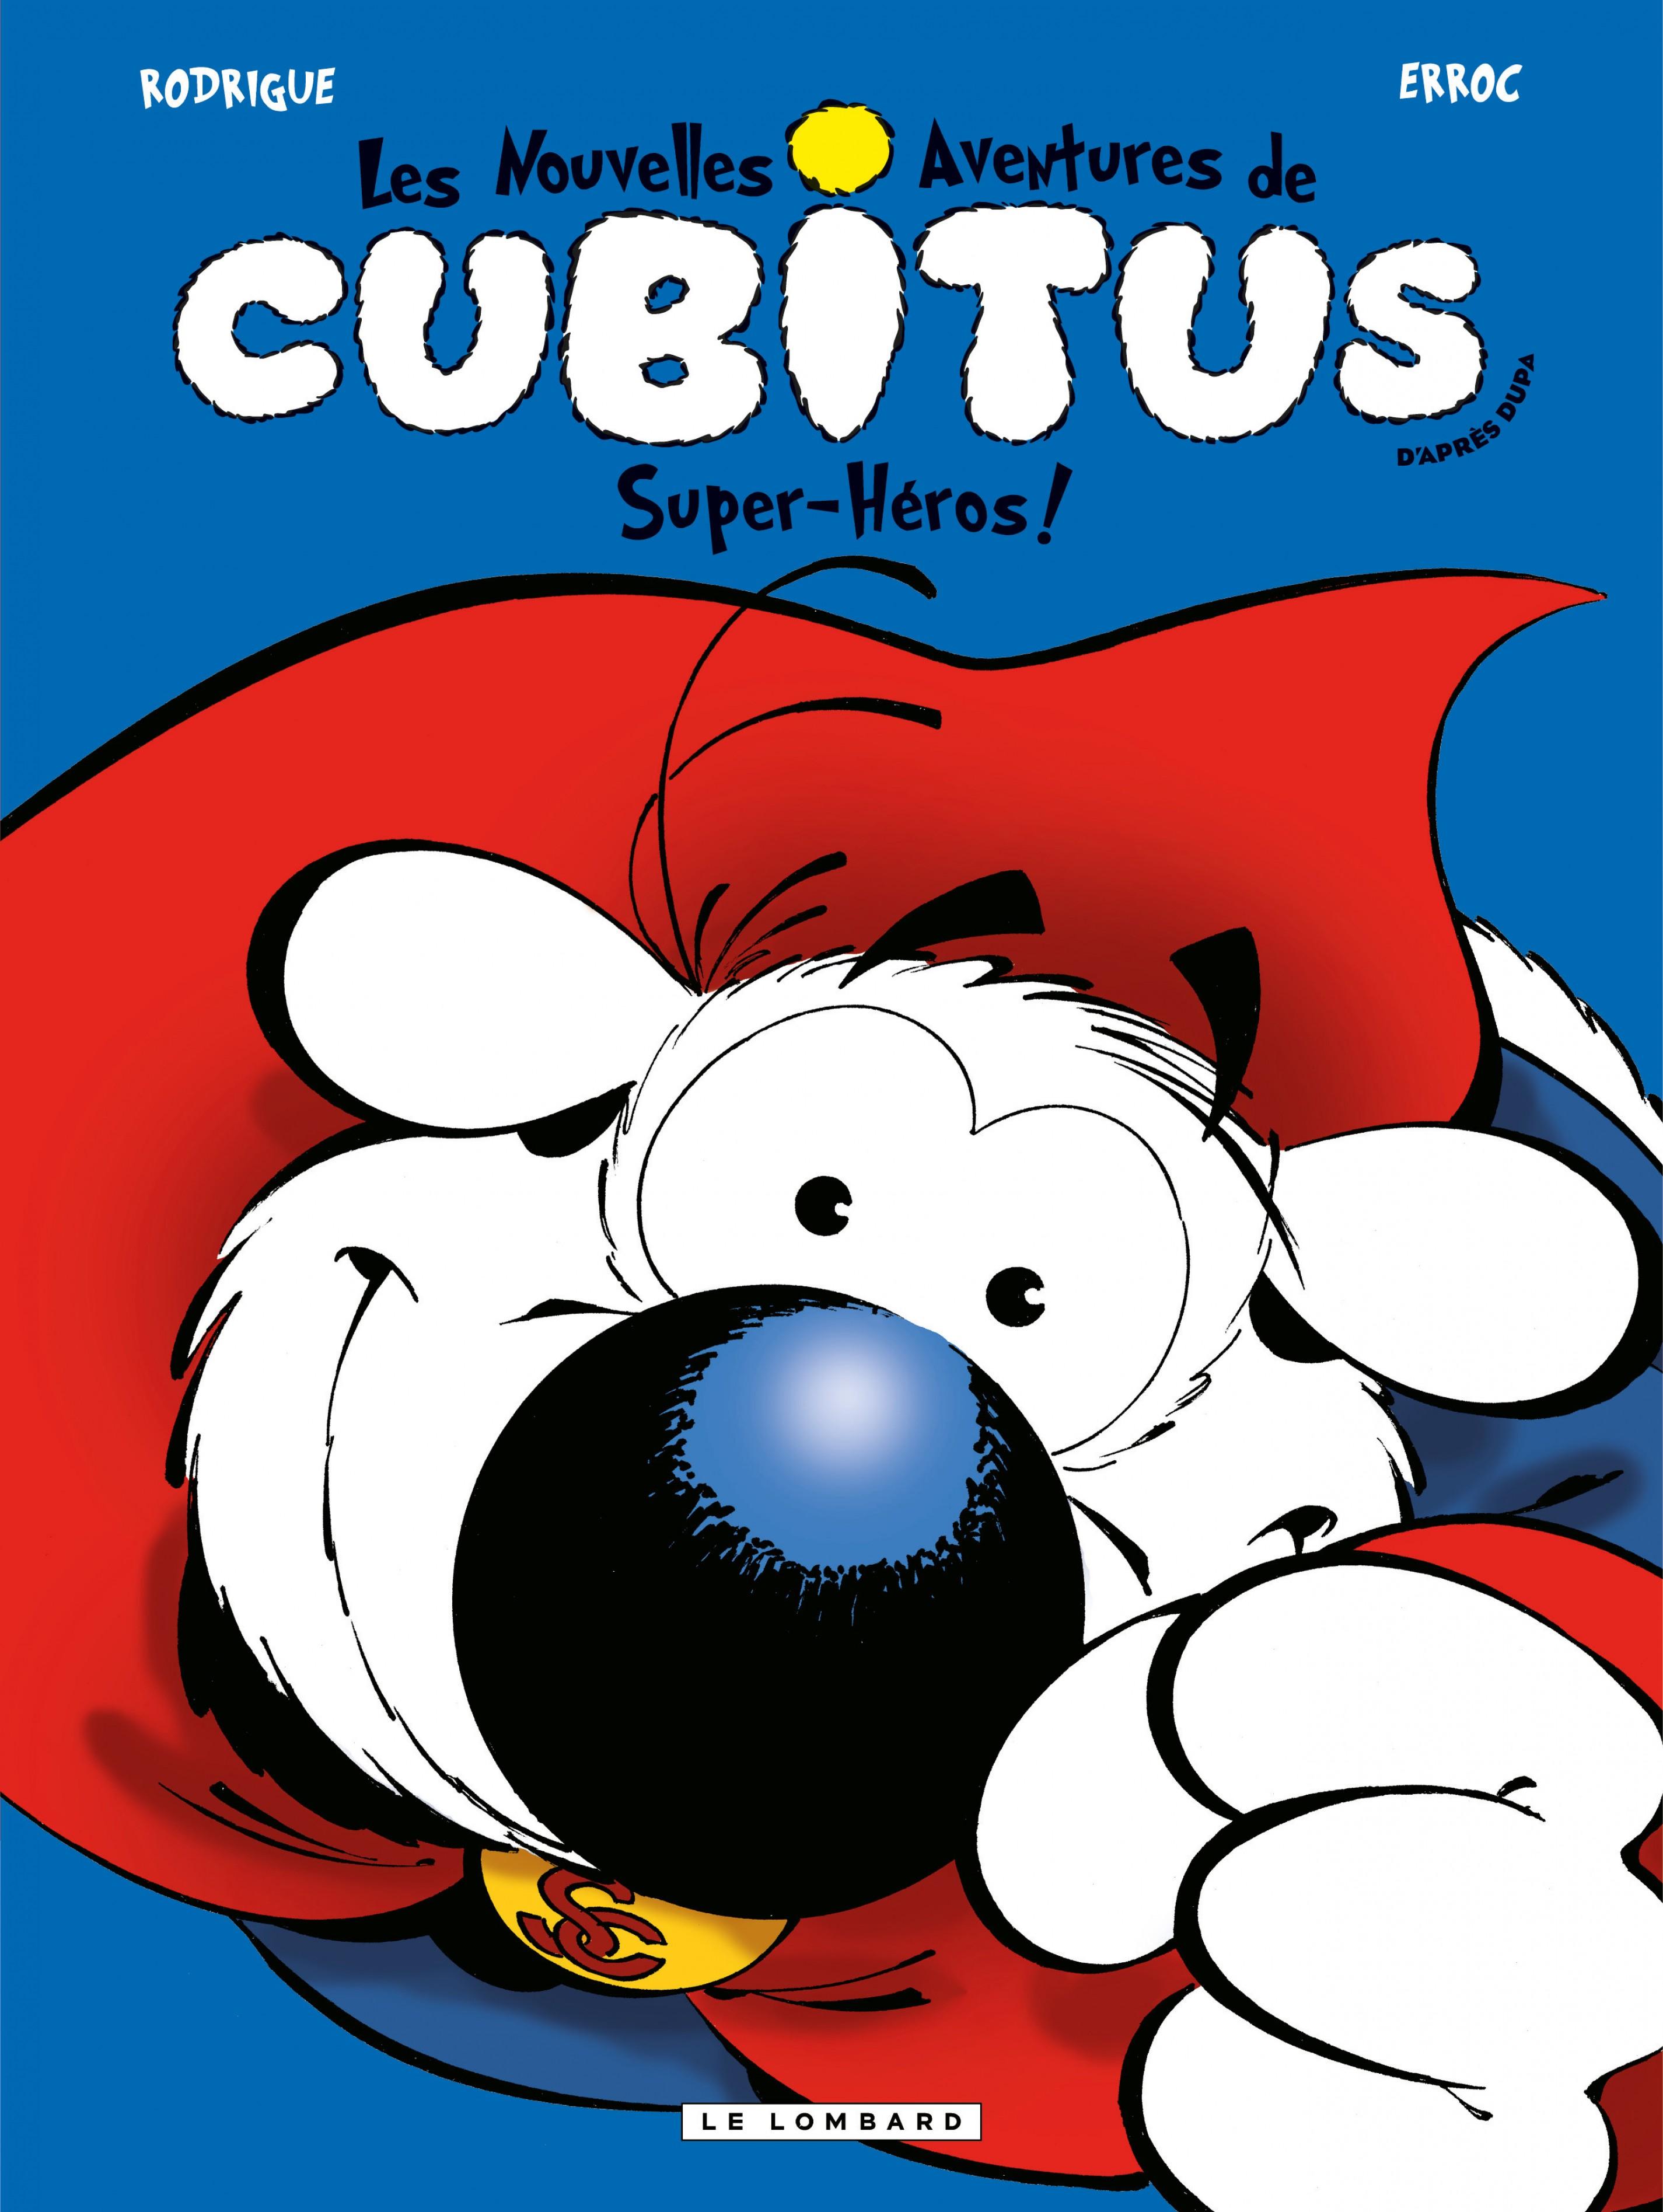 Les nouvelles aventures de Cubitus - Tome 11 - Super-héros!